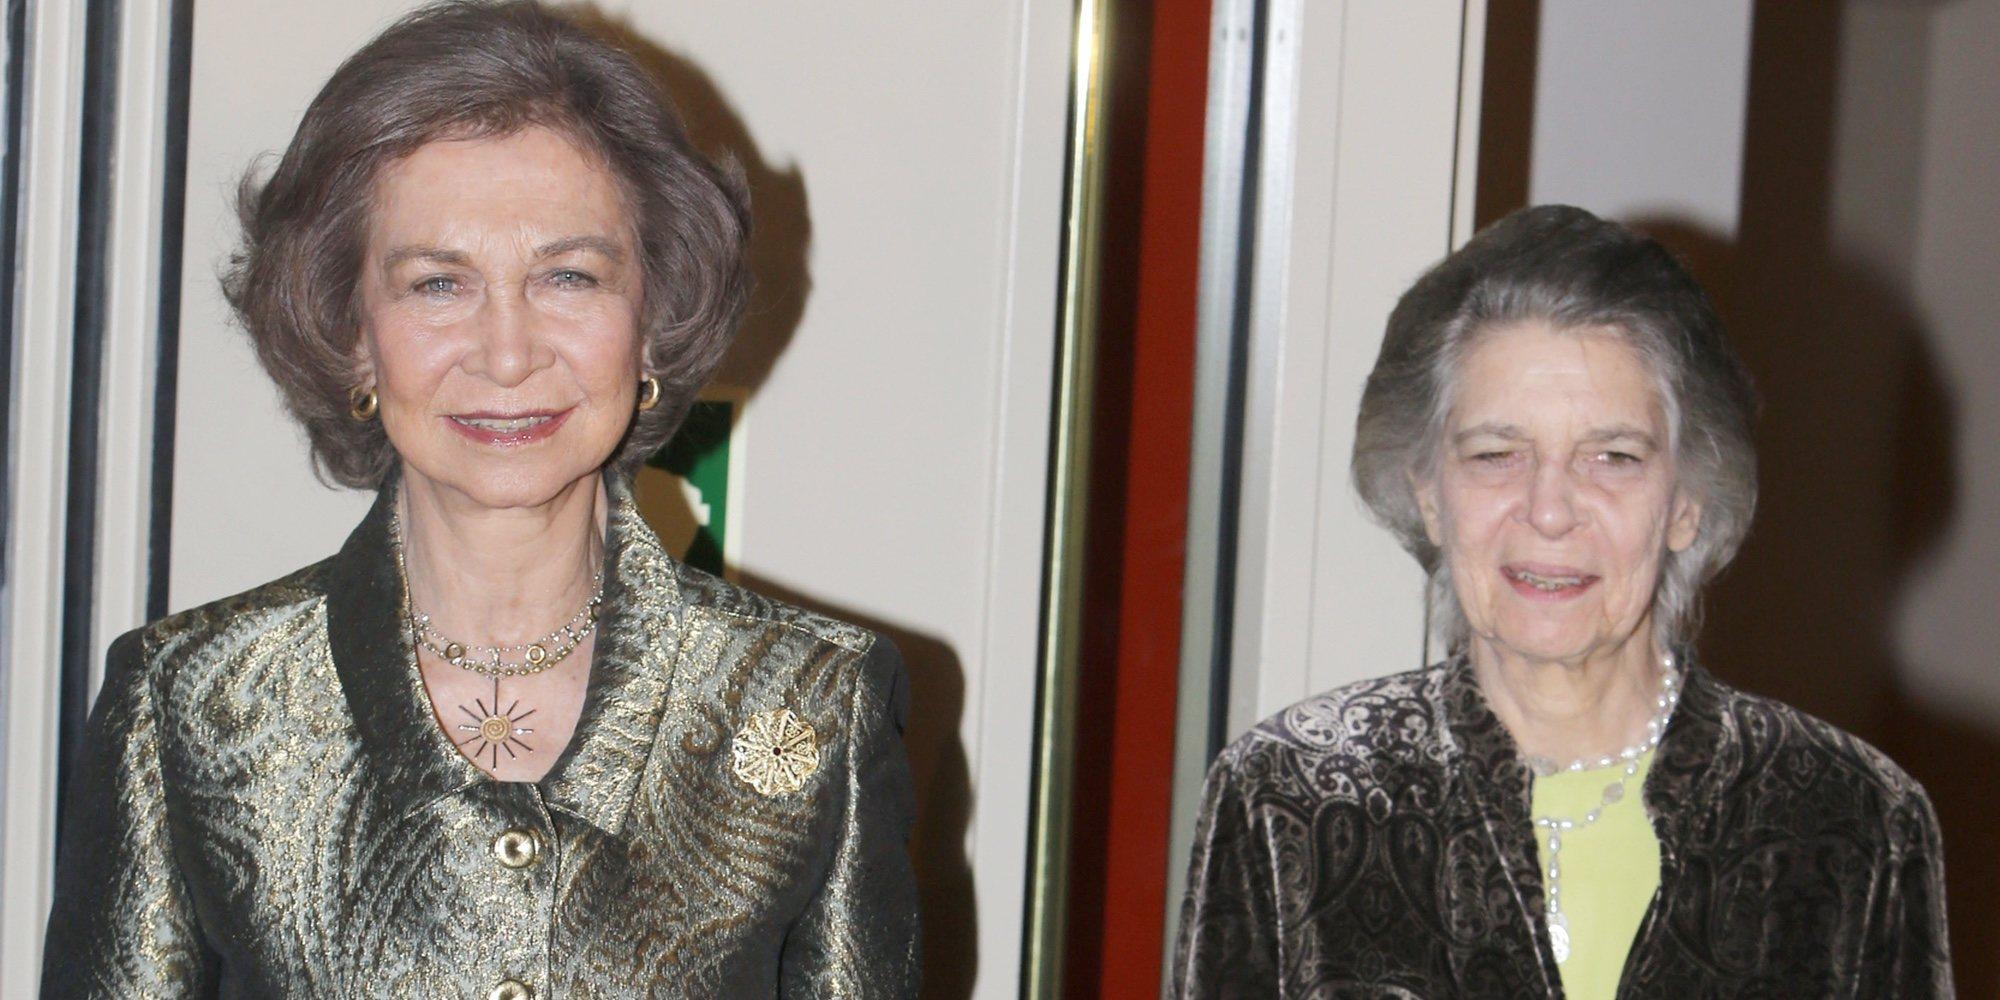 La Reina Sofía se desata en Creta y se pone a bailar un pentozali con Irene de Grecia